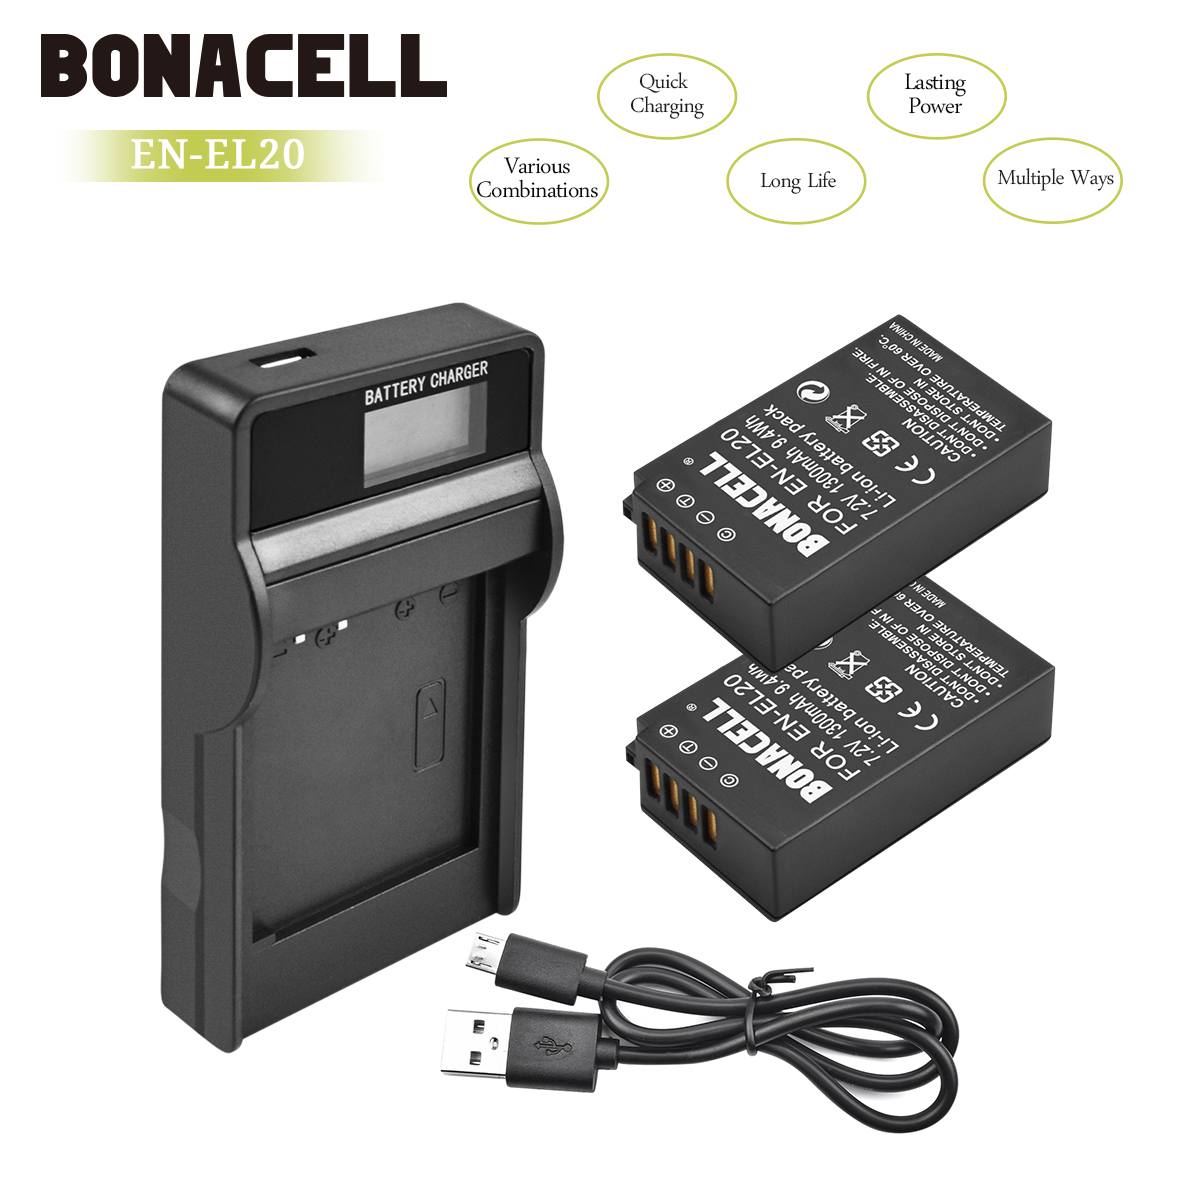 Bonacell 7.2V 1300mAh EN-EL20 EN EL20 ENEL20 Camera Battery+LCD Charger For Nikon EN-EL20a 1 J1 J2 J3 S1 Digital Camera L10